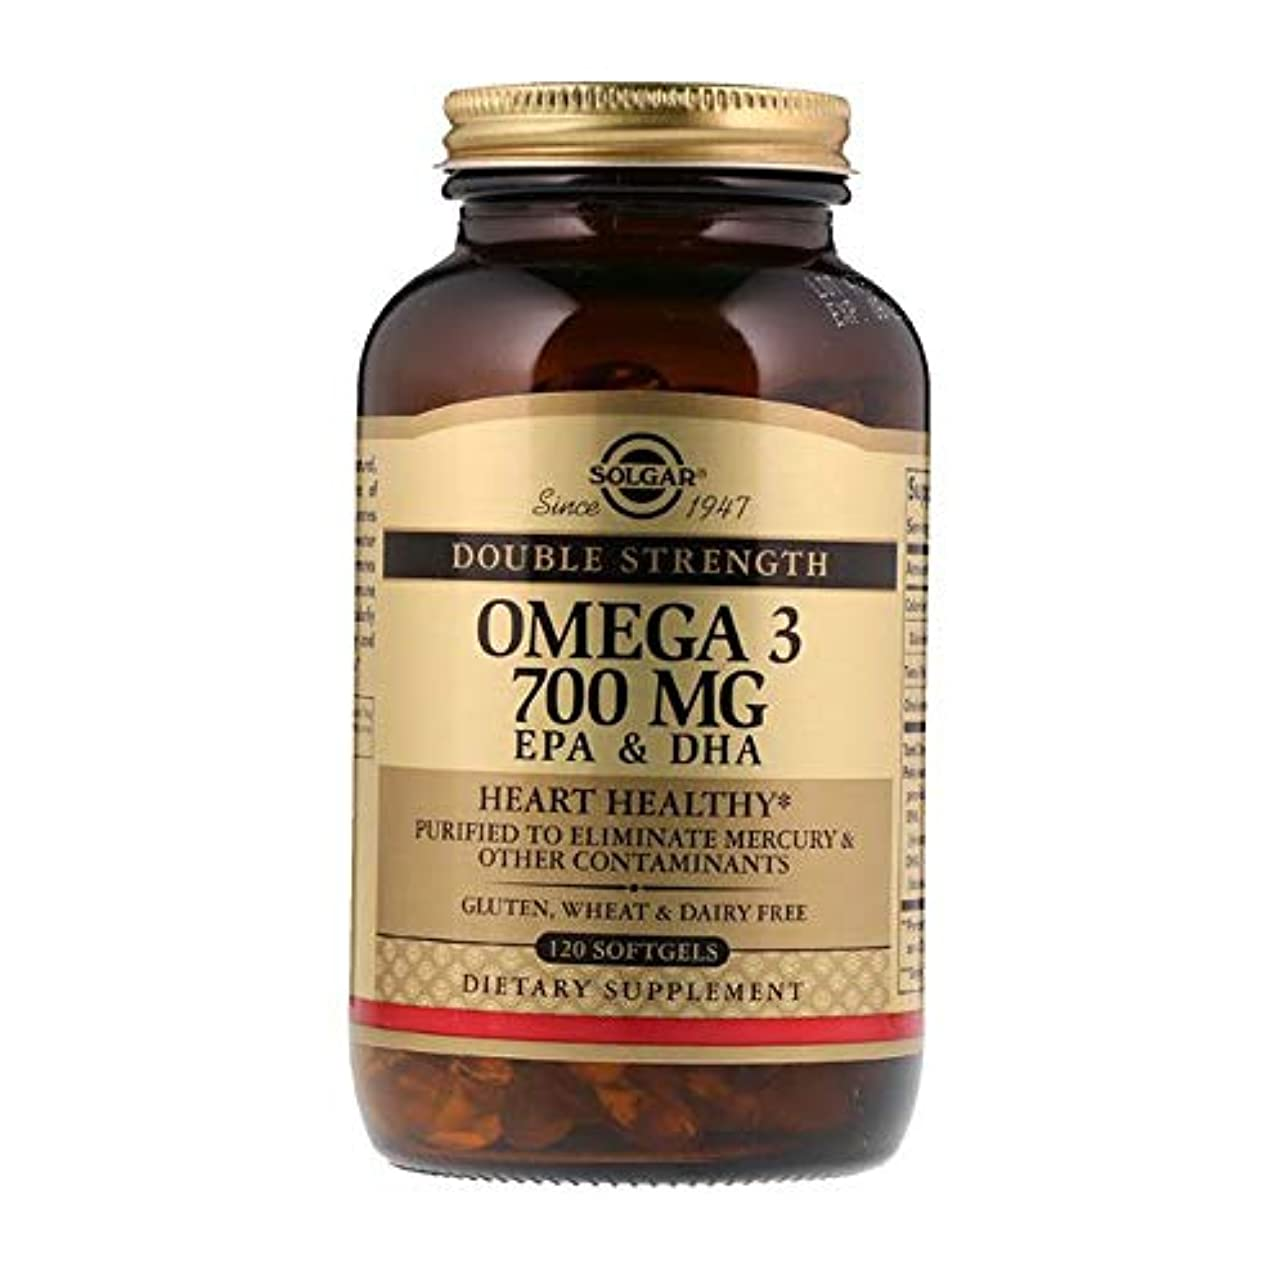 約宇宙荒廃するSolgar Omega 3 EPA DHA Double Strength 700mg 120 Softgels 【アメリカ直送】